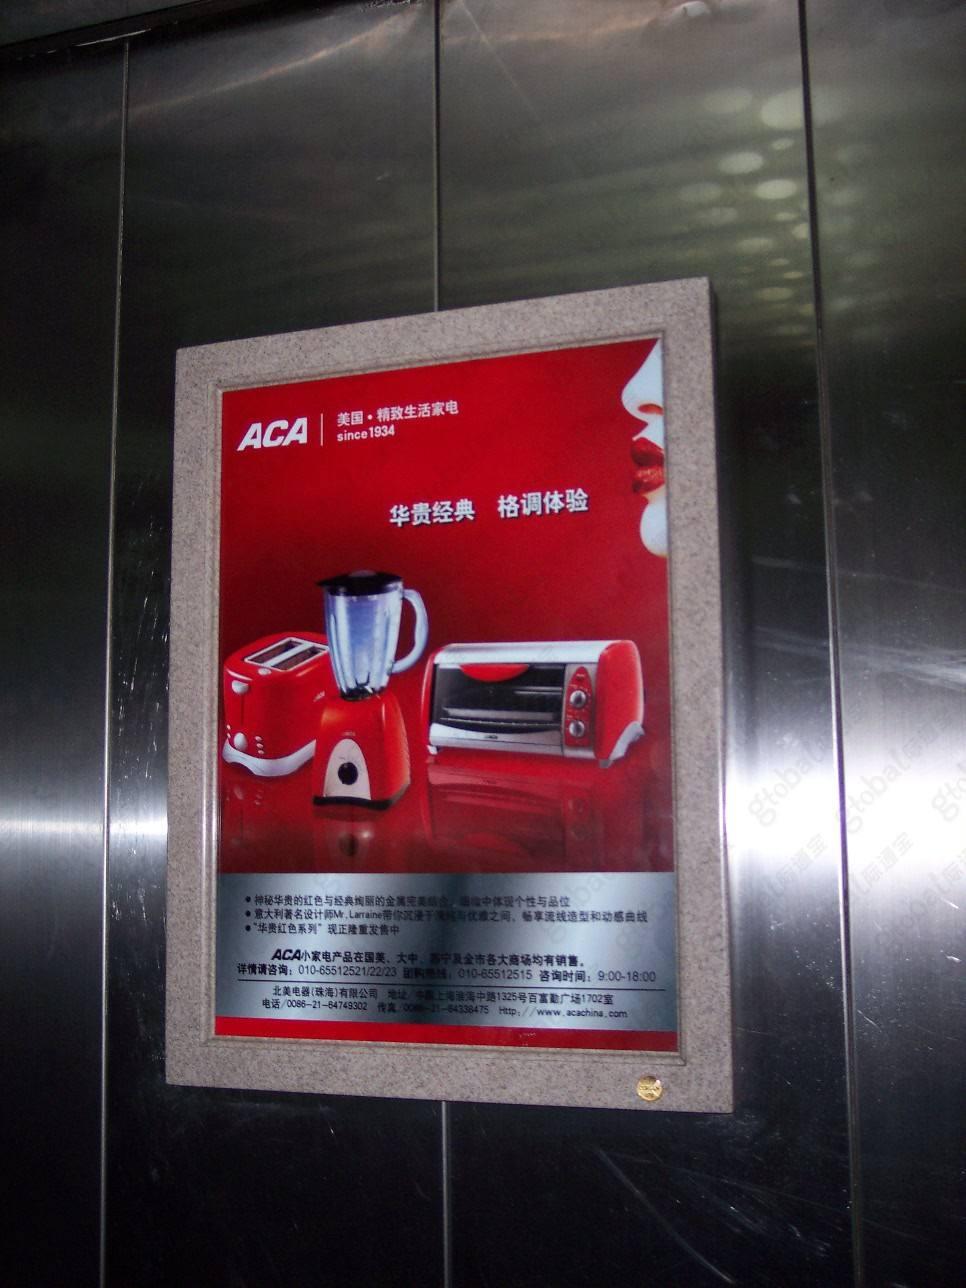 鄂尔多斯高端小区电梯广告-分众资源低至2折